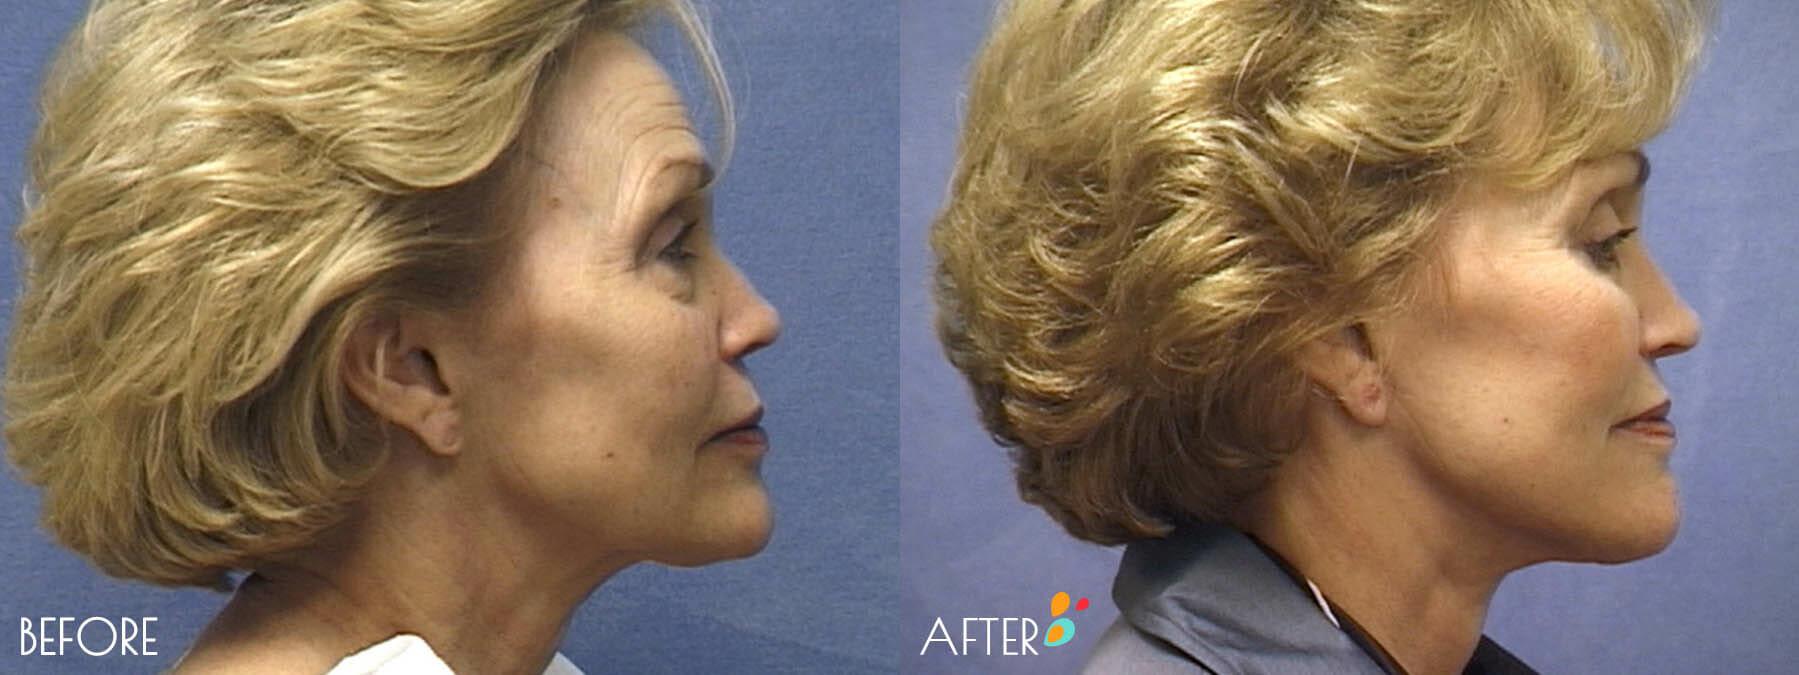 Face Lift Patient 07, Side